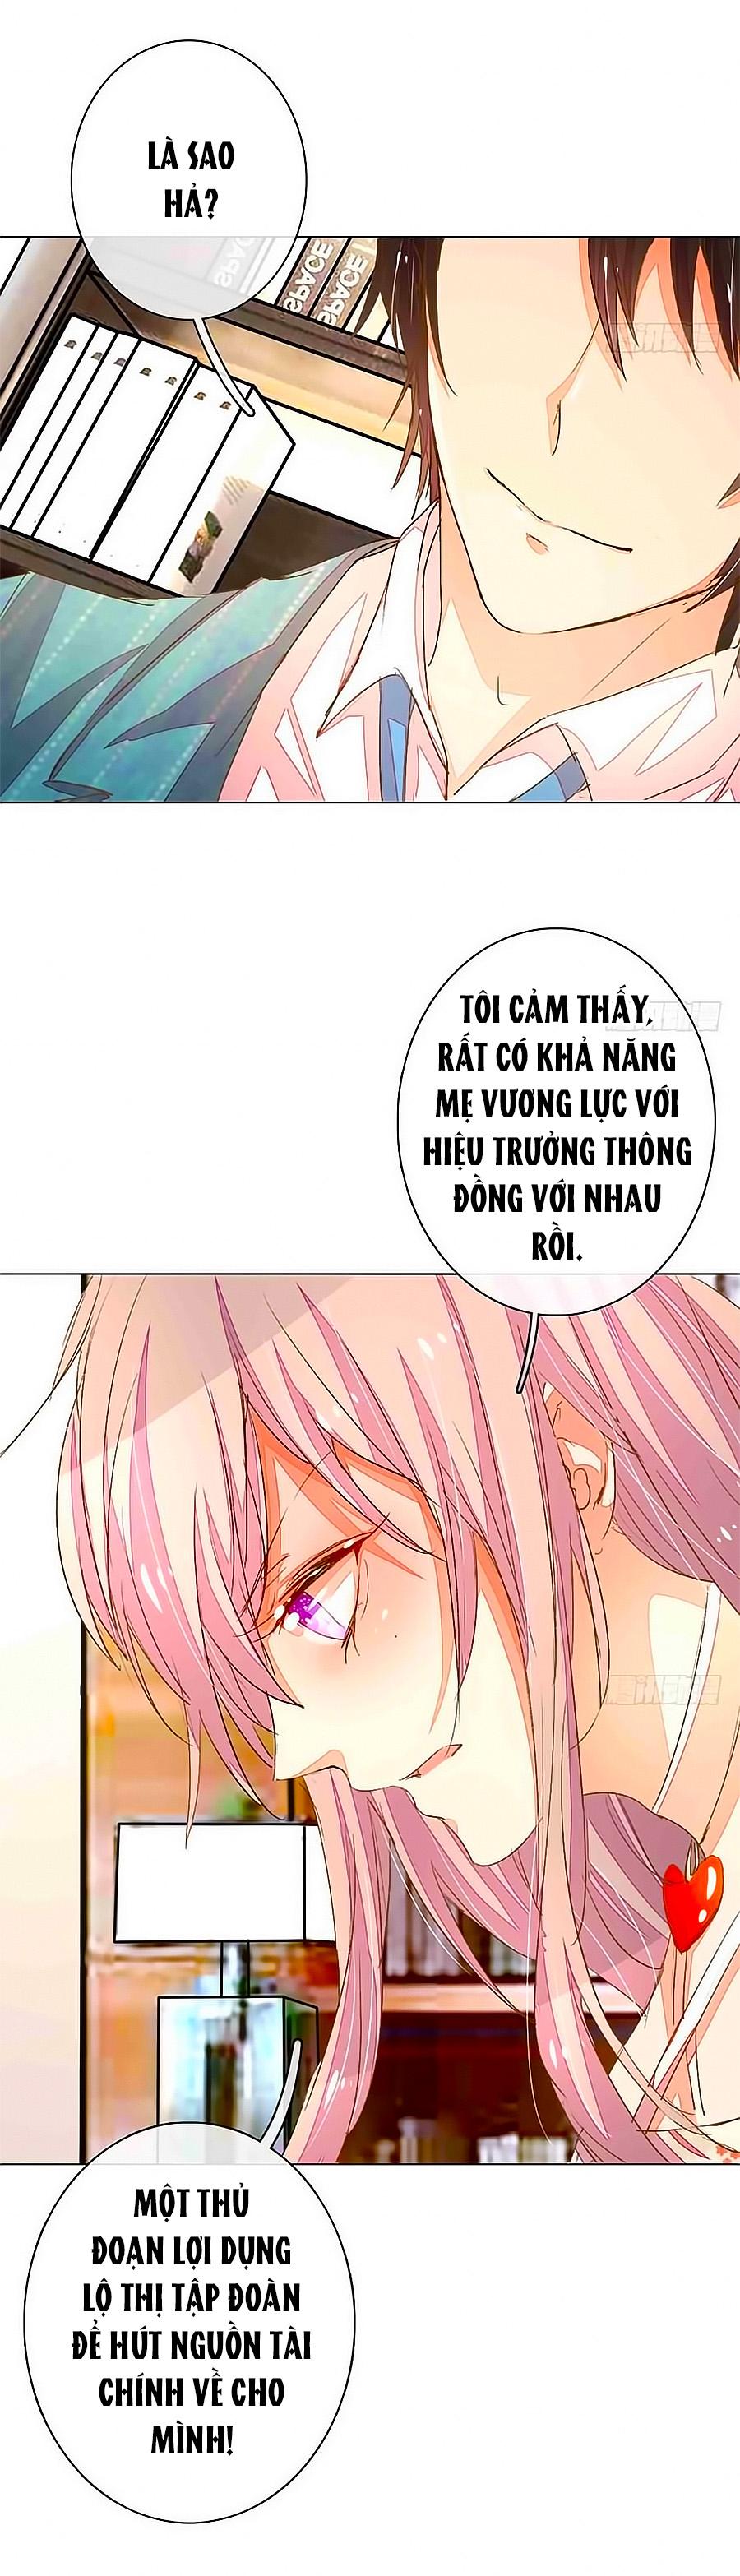 Hào Môn Tiểu Lãn Thê Chap 52 - Trang 4